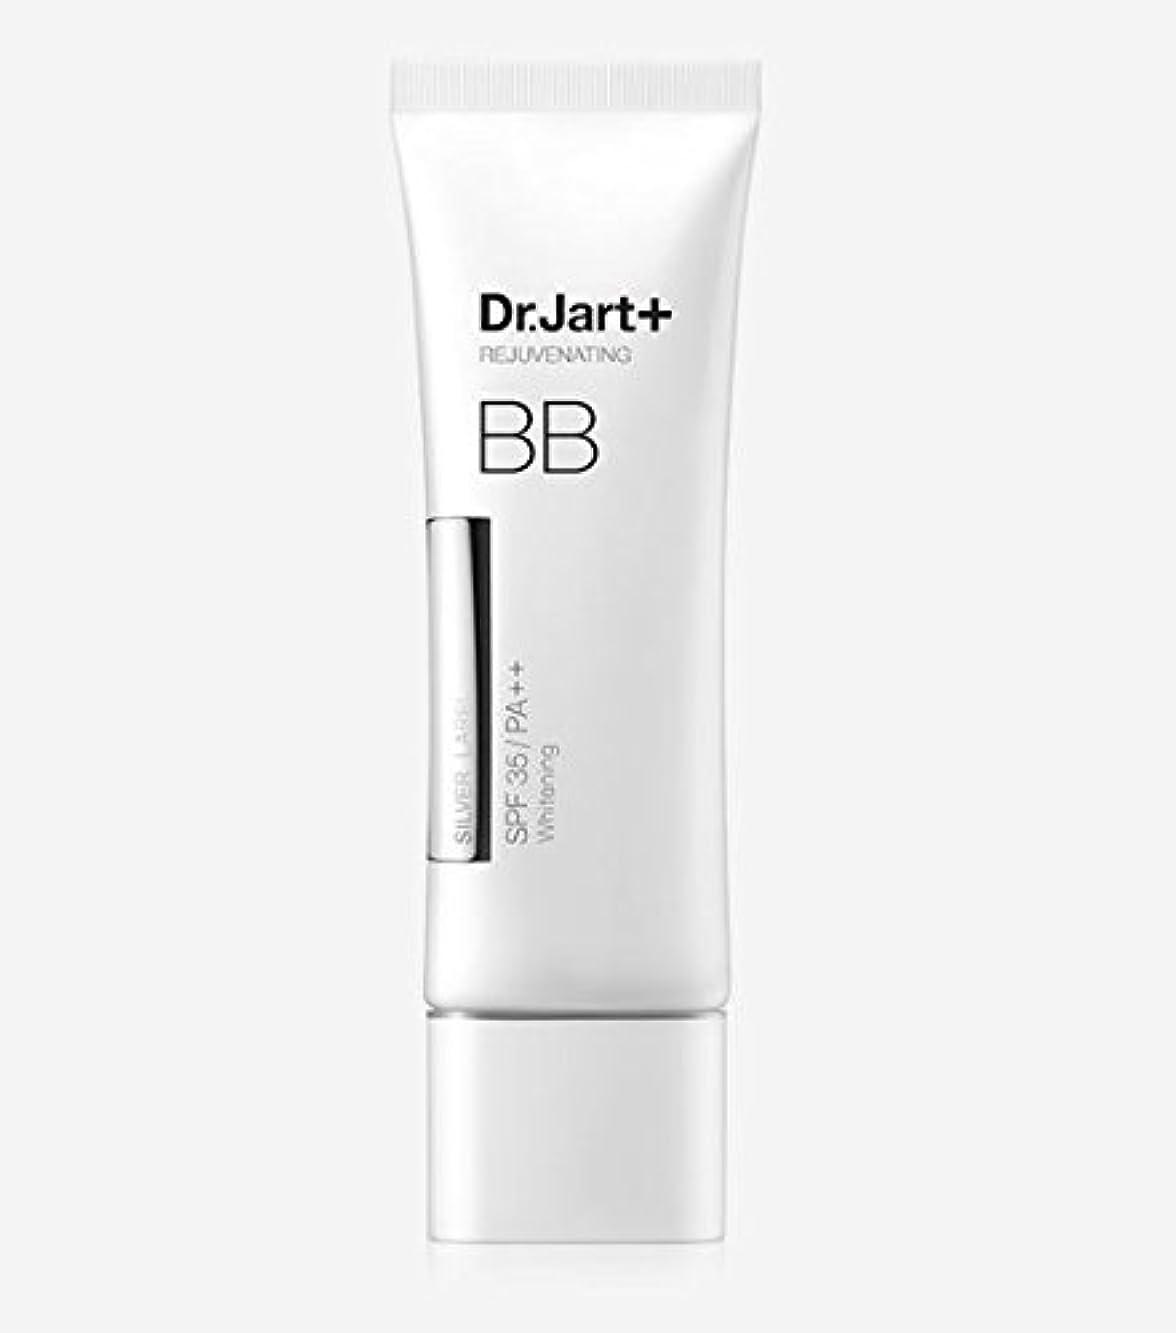 あらゆる種類の体系的に妥協[Dr. Jart] Silver Label BB Rejuvenating Beauty Balm 50ml SPF35 PA++/[ドクタージャルト] シルバーラベル BB リジュビネイティング ビューティー バーム...